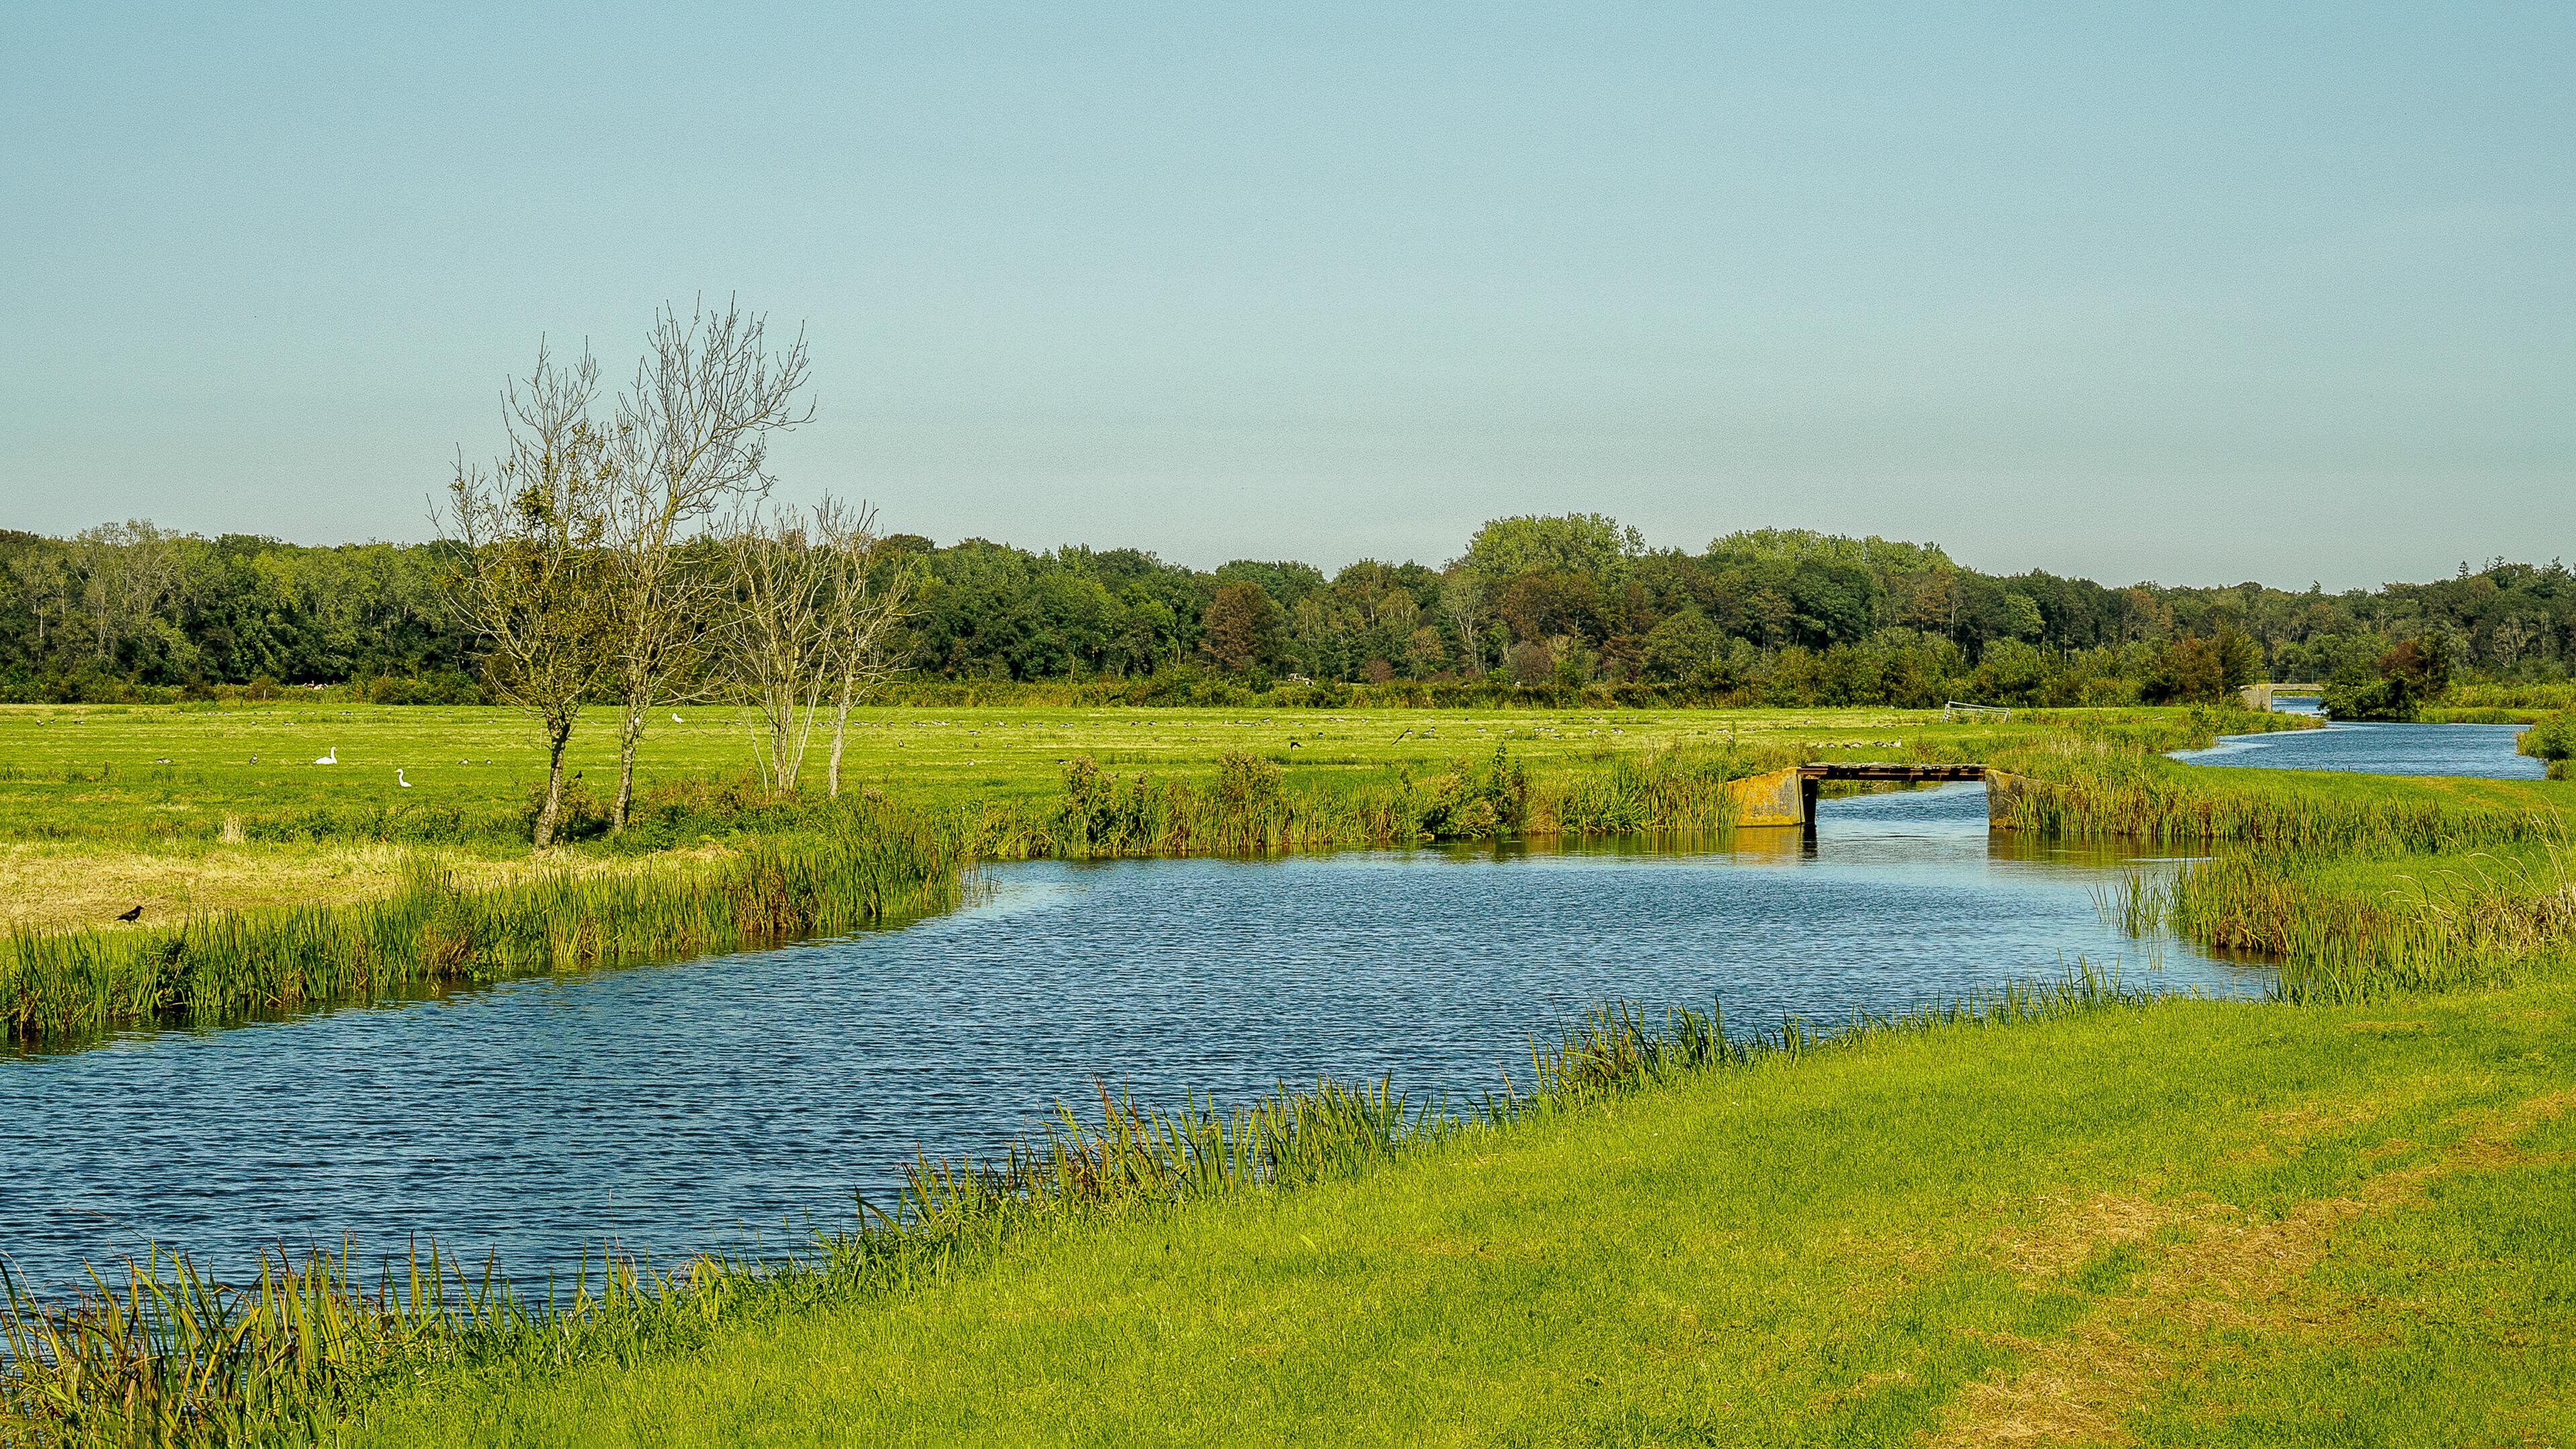 Zuidwijkse polder